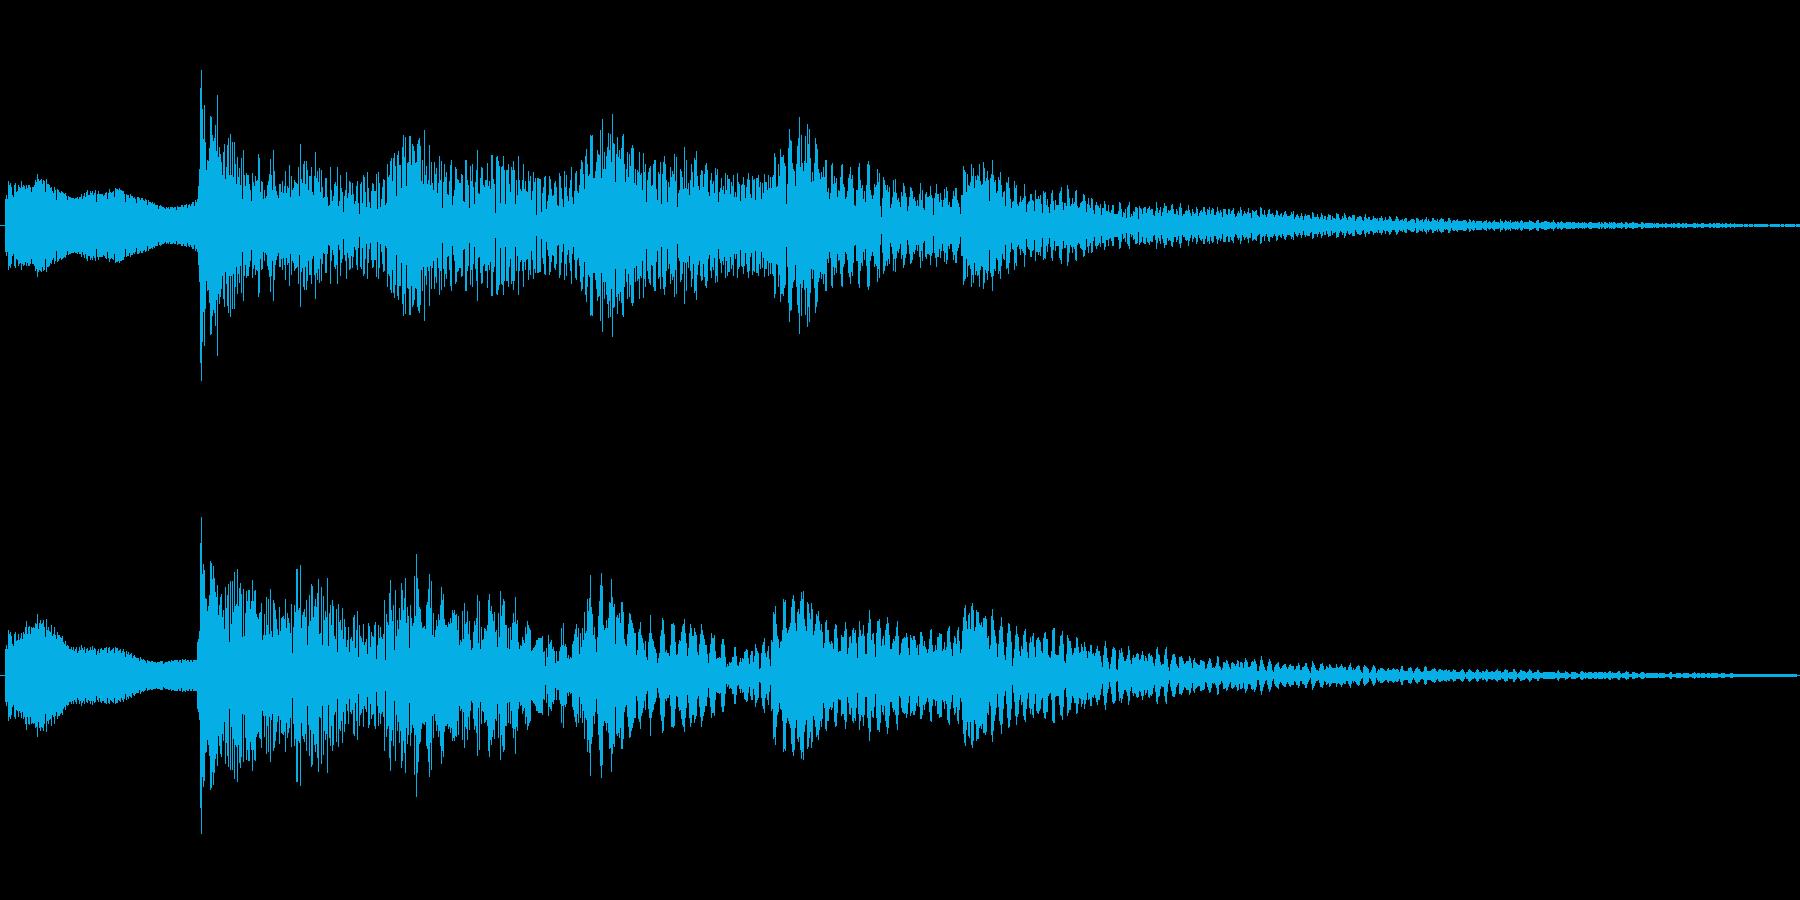 ジングル101cの再生済みの波形